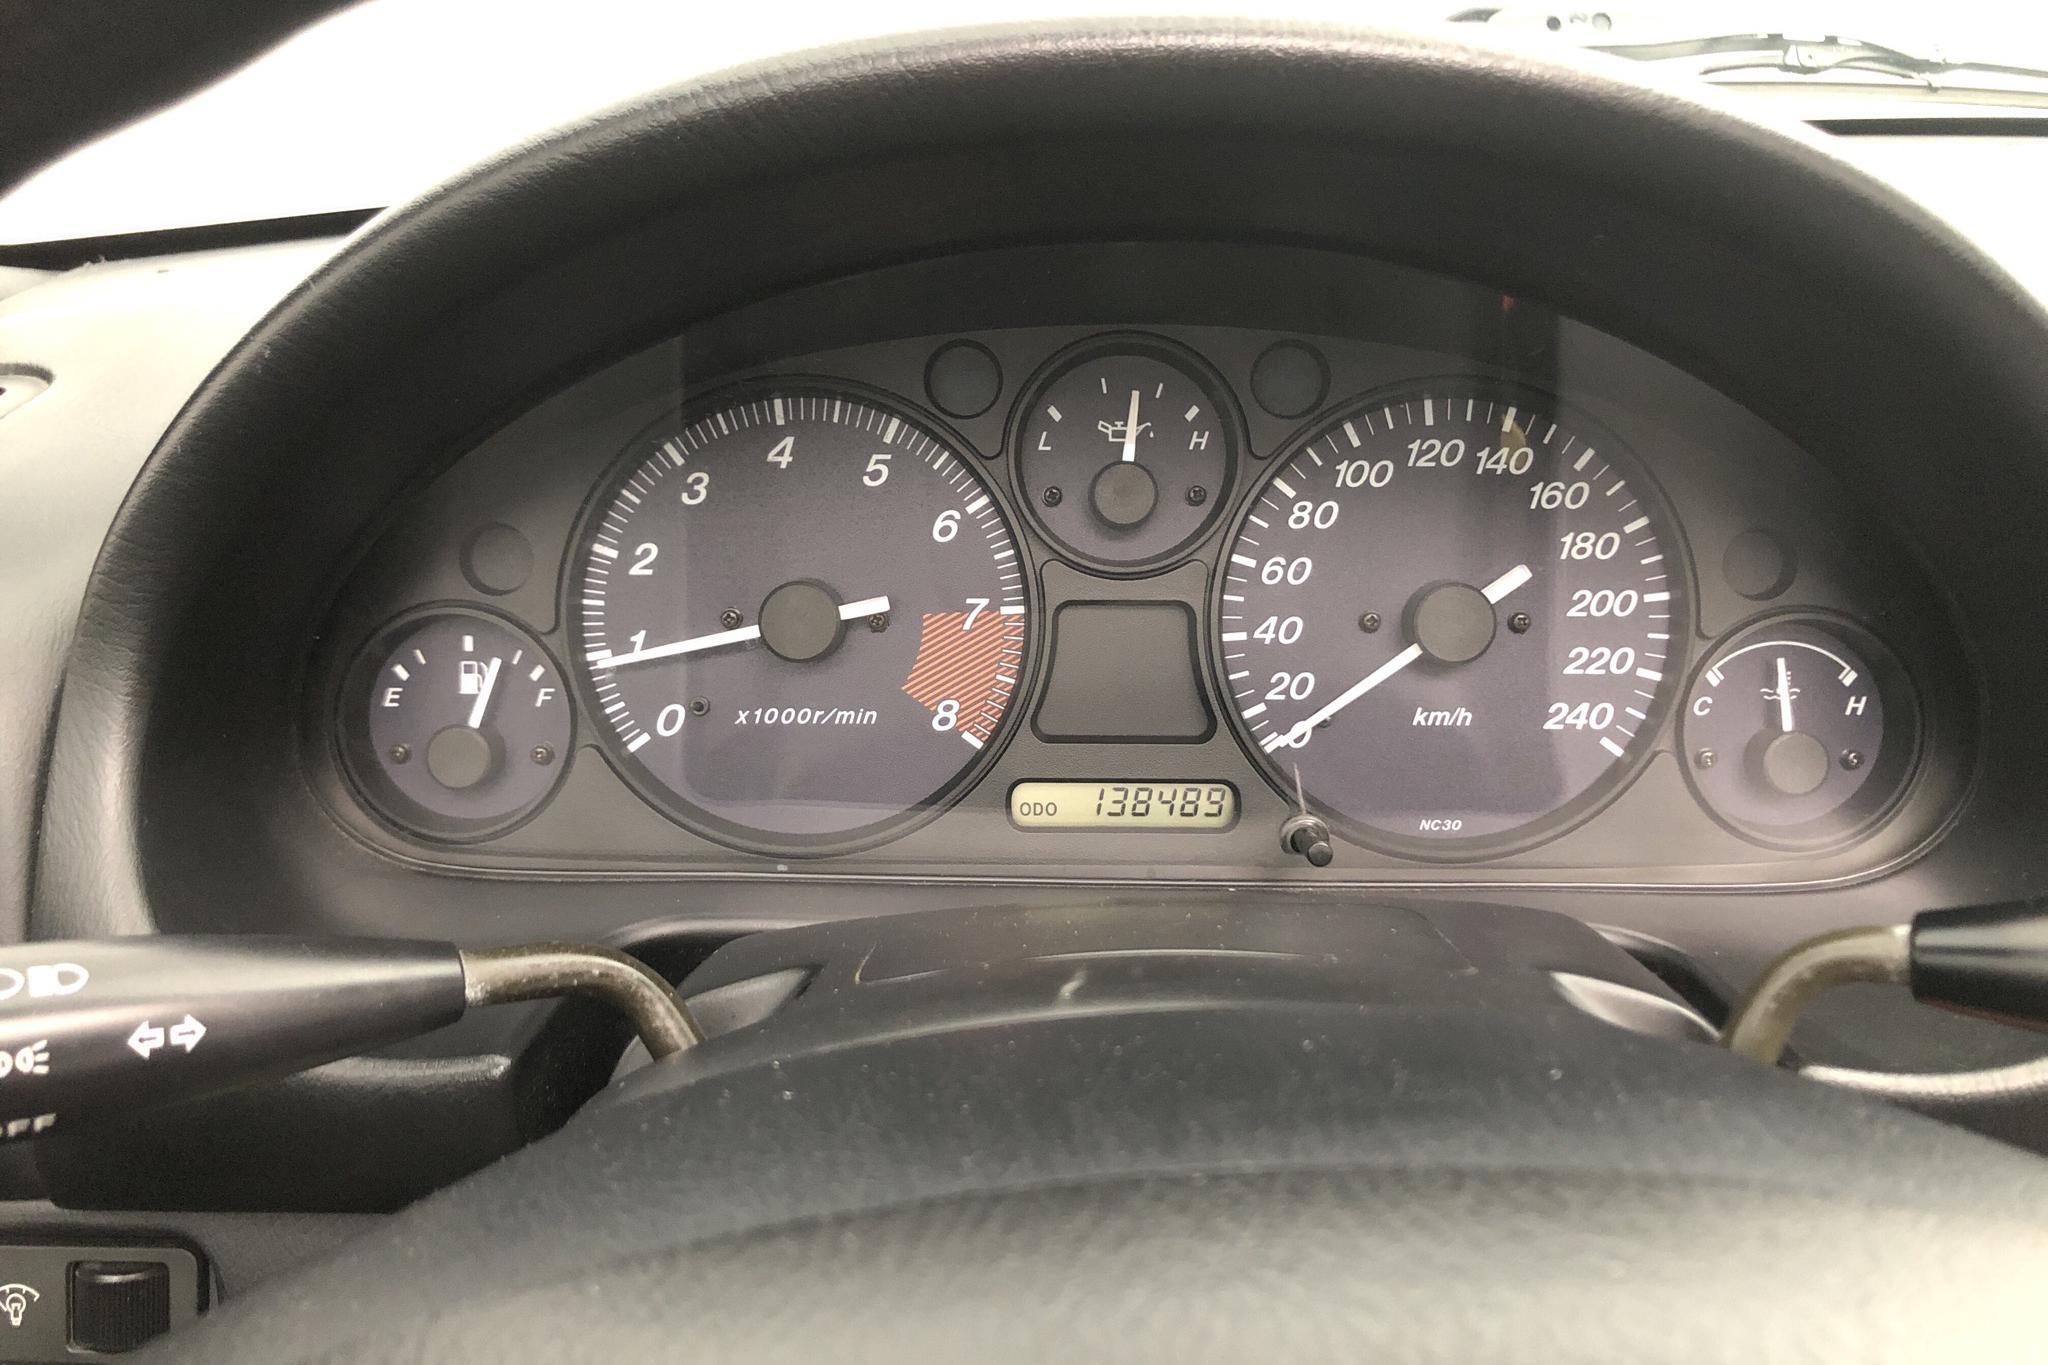 Mazda MX-5 Miata 1.6 (110hk) - 138 490 km - Manual - Dark Green - 1998